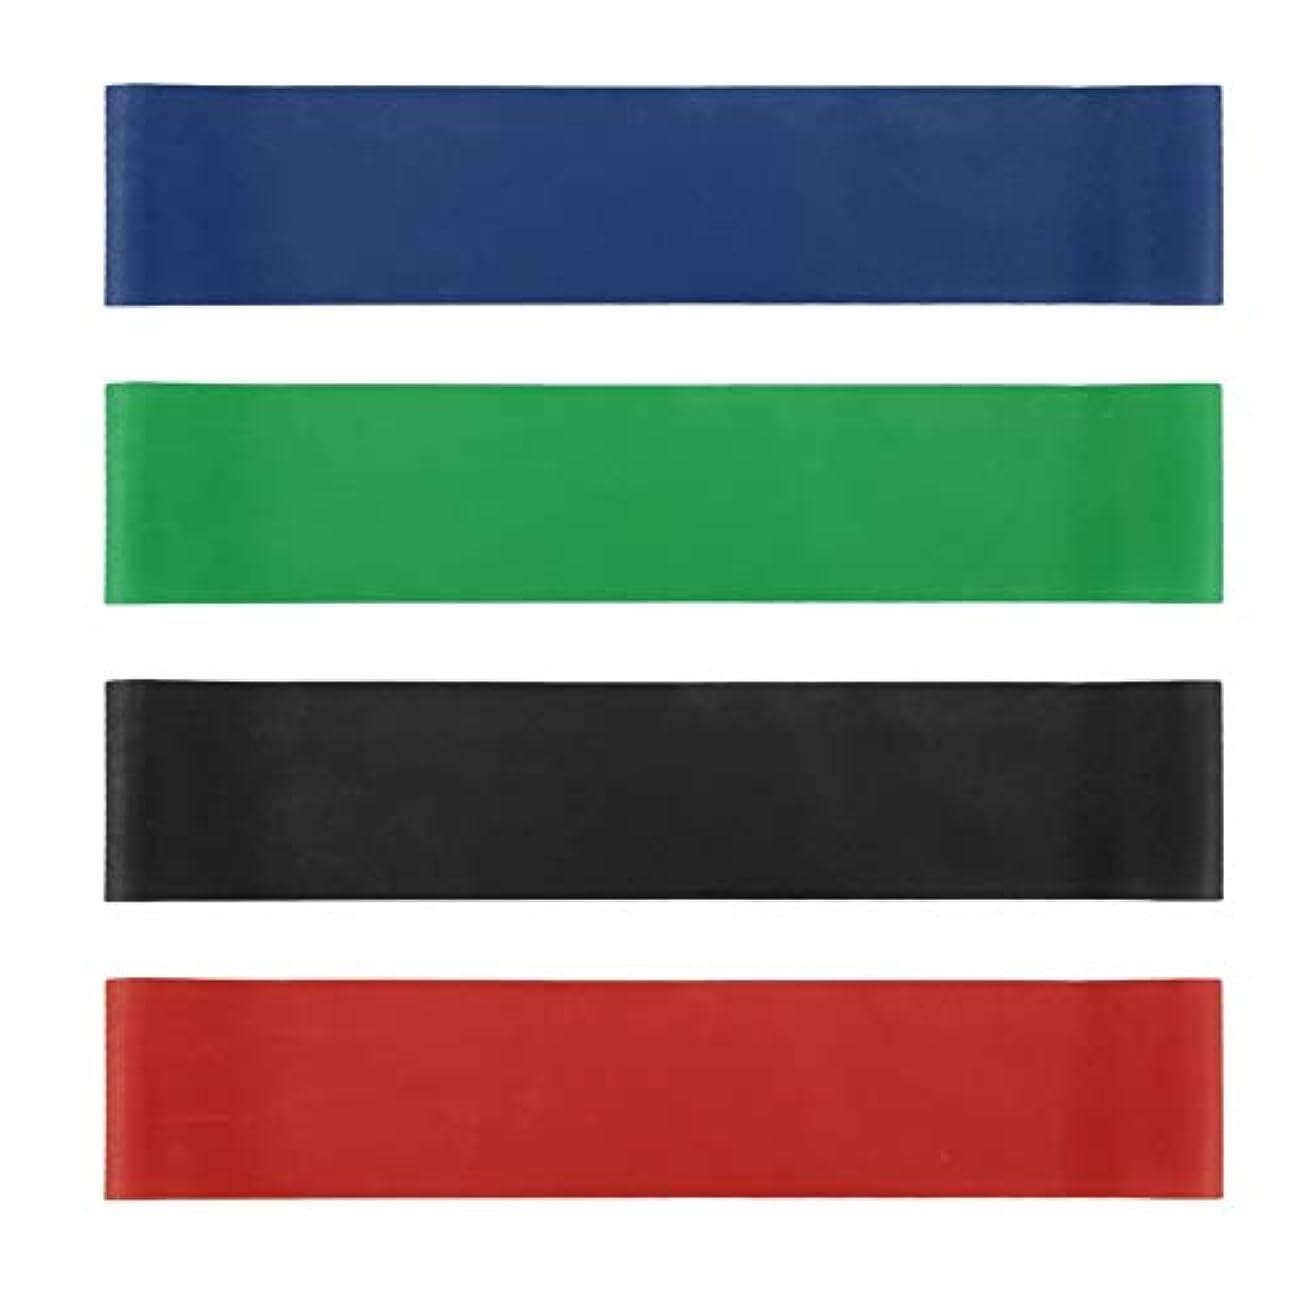 適応ロケーション伝説4本の伸縮性ゴム弾性ヨガベルトバンドプルロープ張力抵抗バンドループ強度のフィットネスヨガツール - レッド&ブルー&グリーン&ブラック